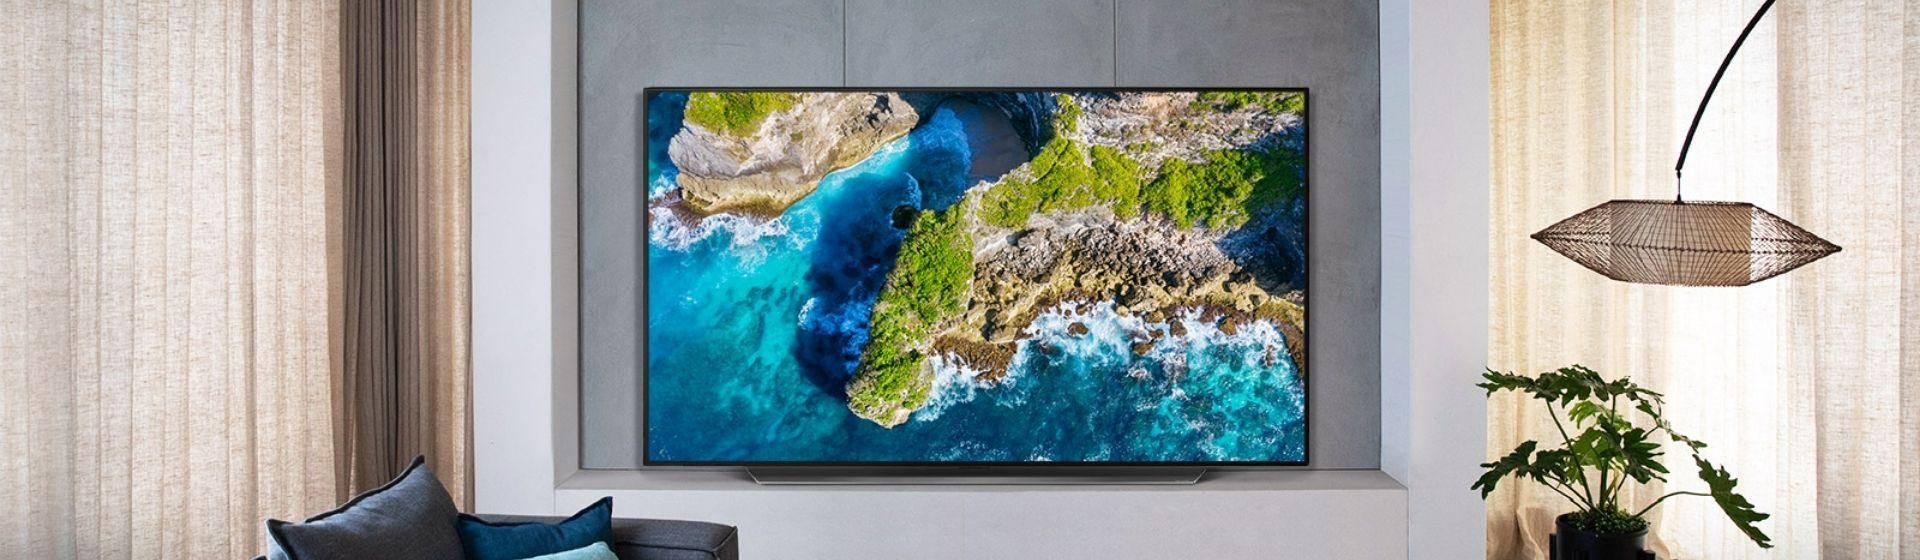 Lançamento TVs LG 2020: marca apresenta modelos OLED; confira preços